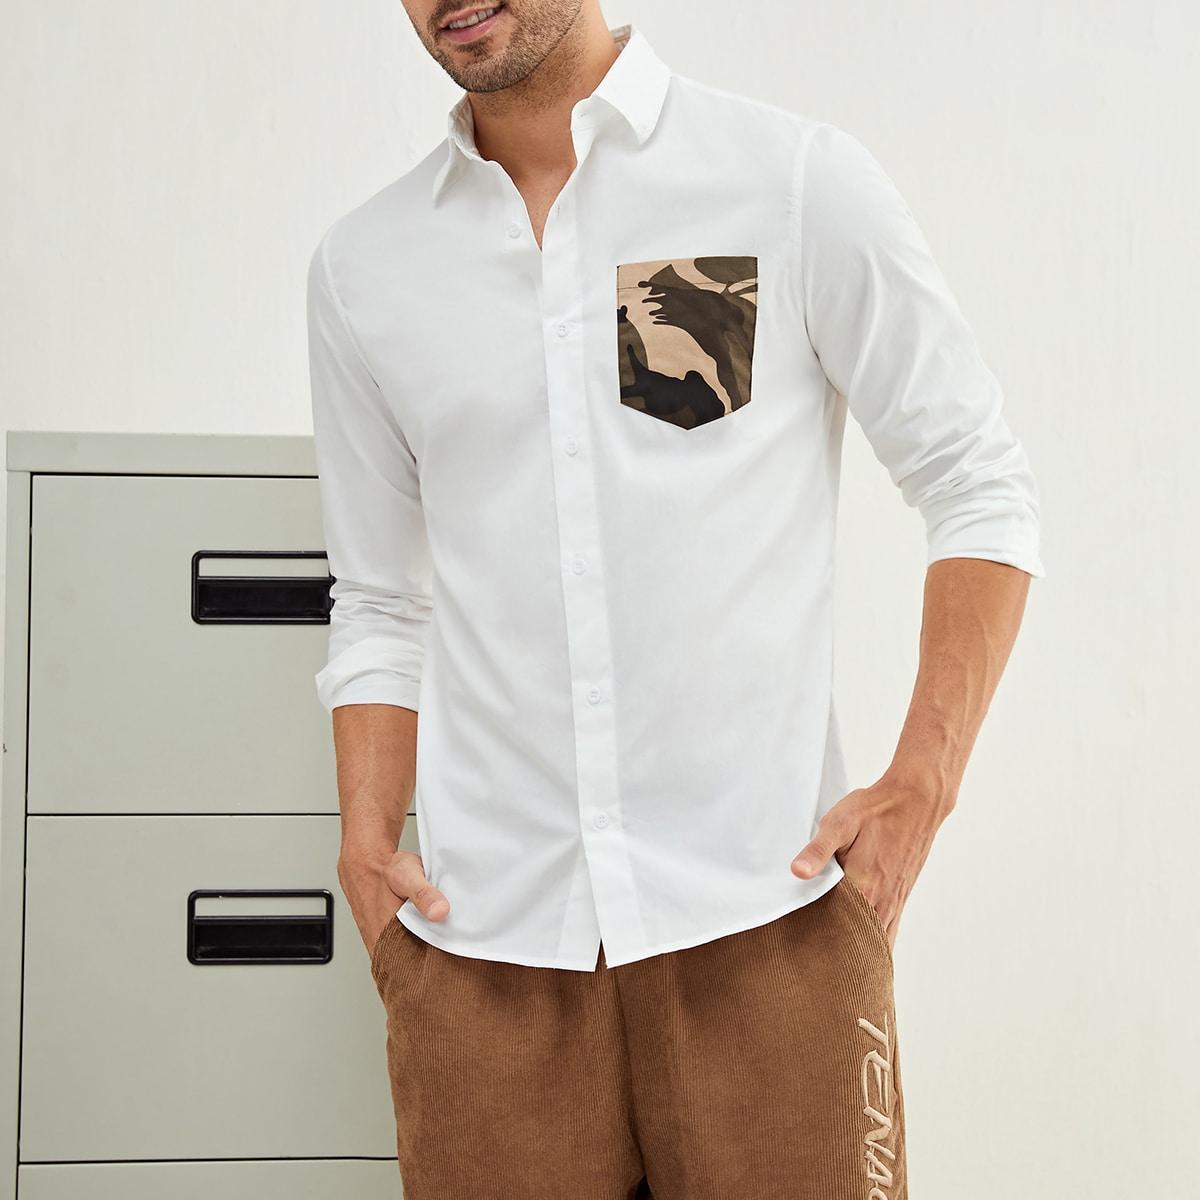 для мужчины Рубашка с камуфляжным принтом заплатка с карманом